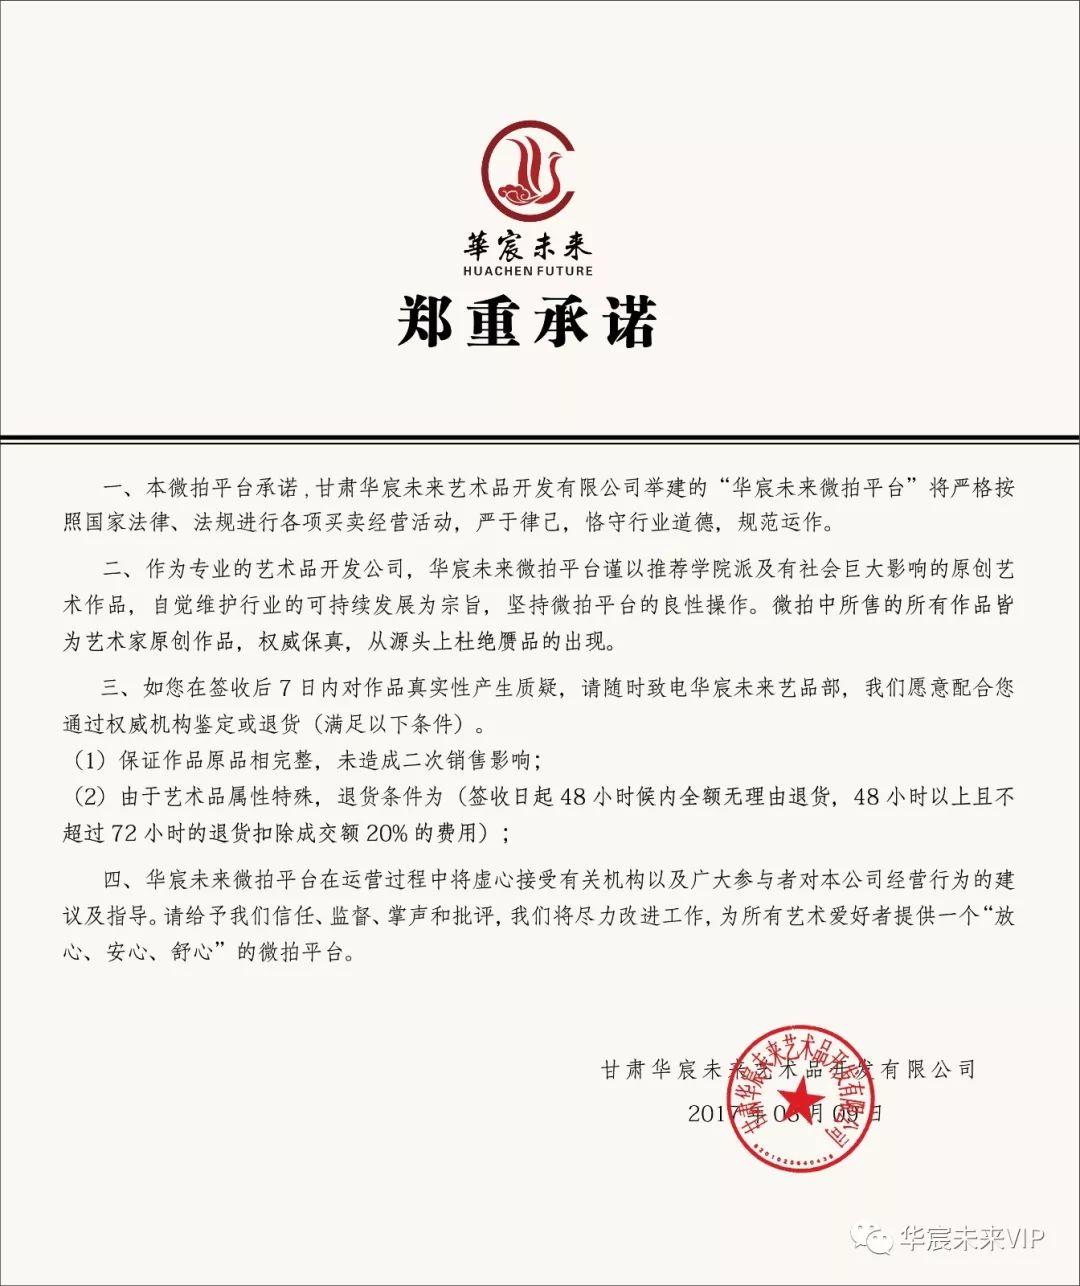 华宸未来微拍第149期于2月23日14:30开拍